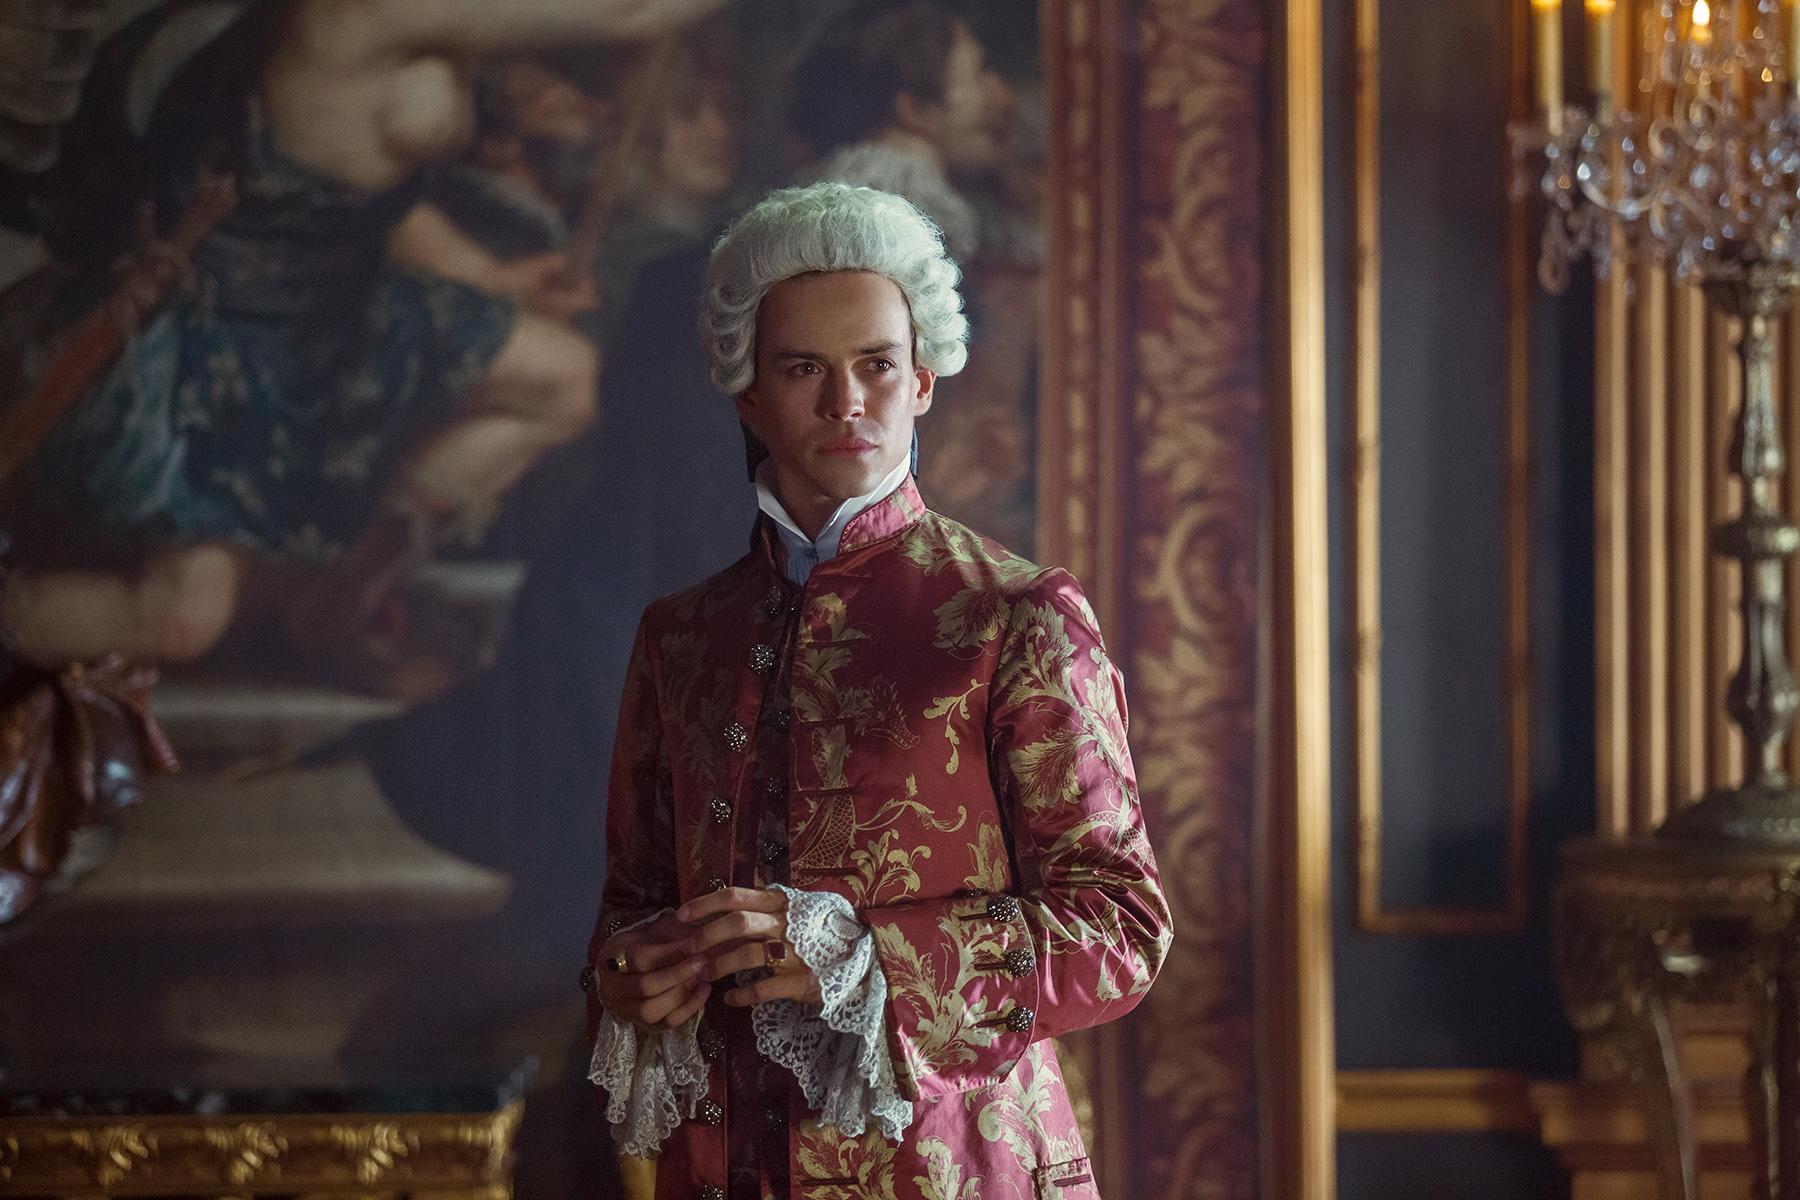 Lionel Lingelser (King Louis XV)